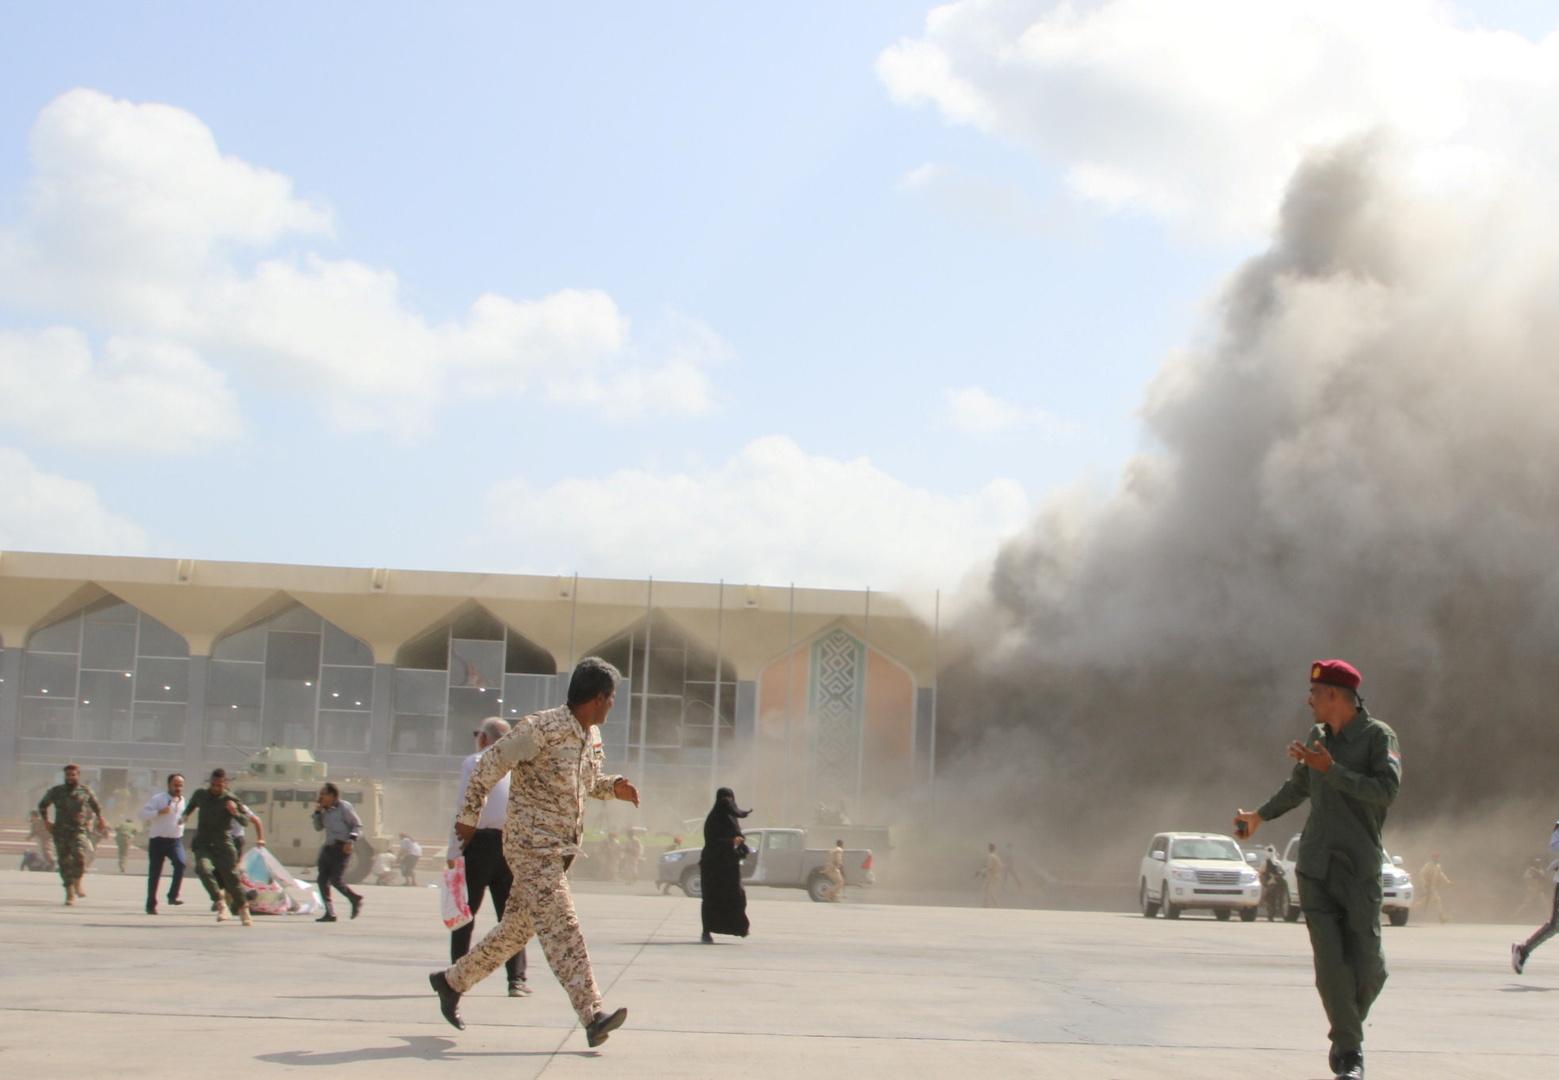 الأمم المتحدة تلقي بالمسؤولية على الحوثيين في استهداف مطار عدن في ديسمبر الماضي